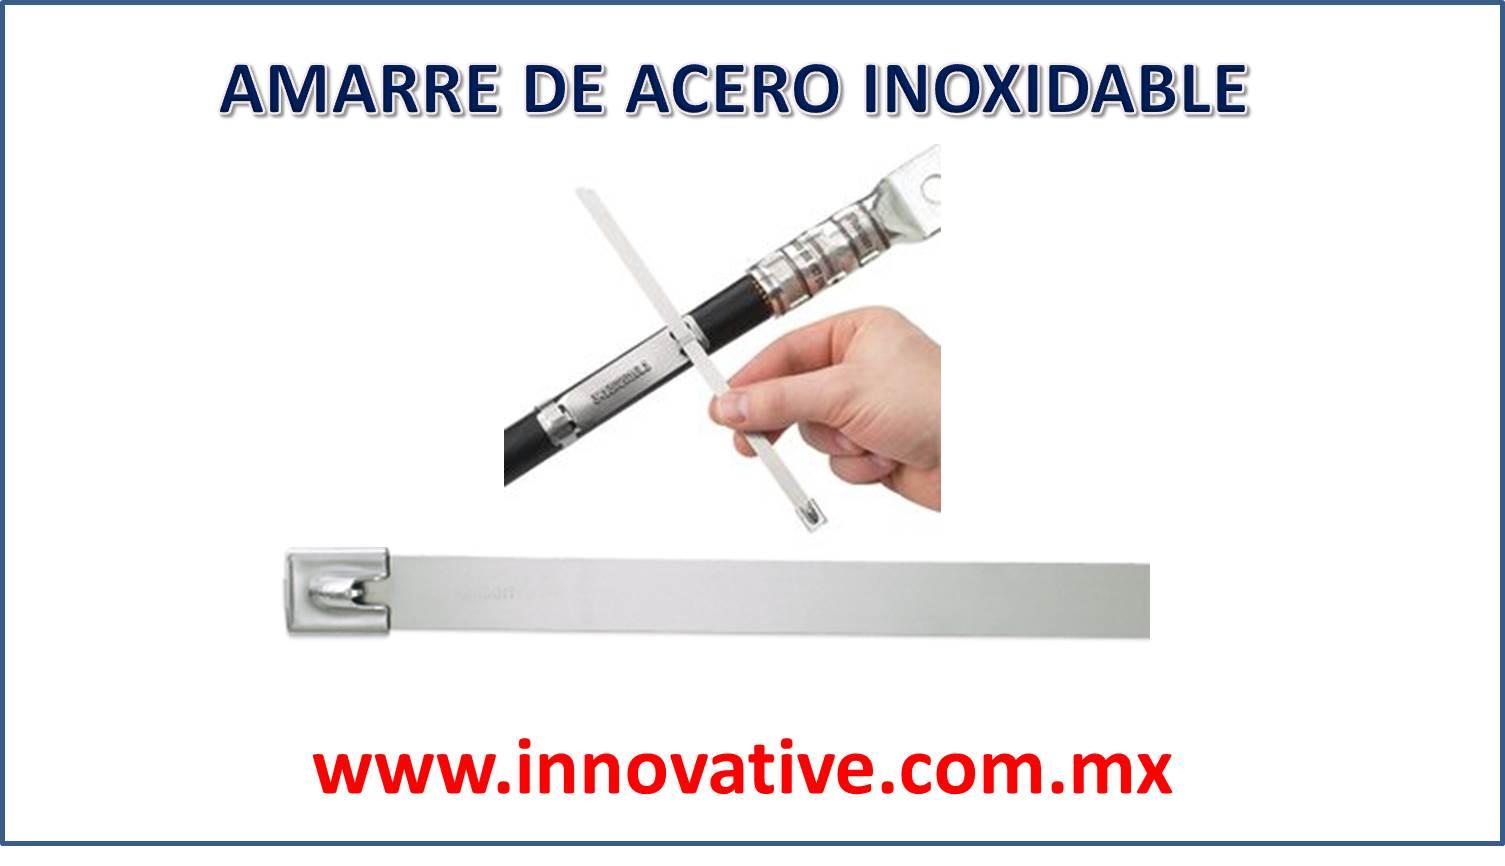 Amarre de acero inoxidable for Brochetas de acero inoxidable